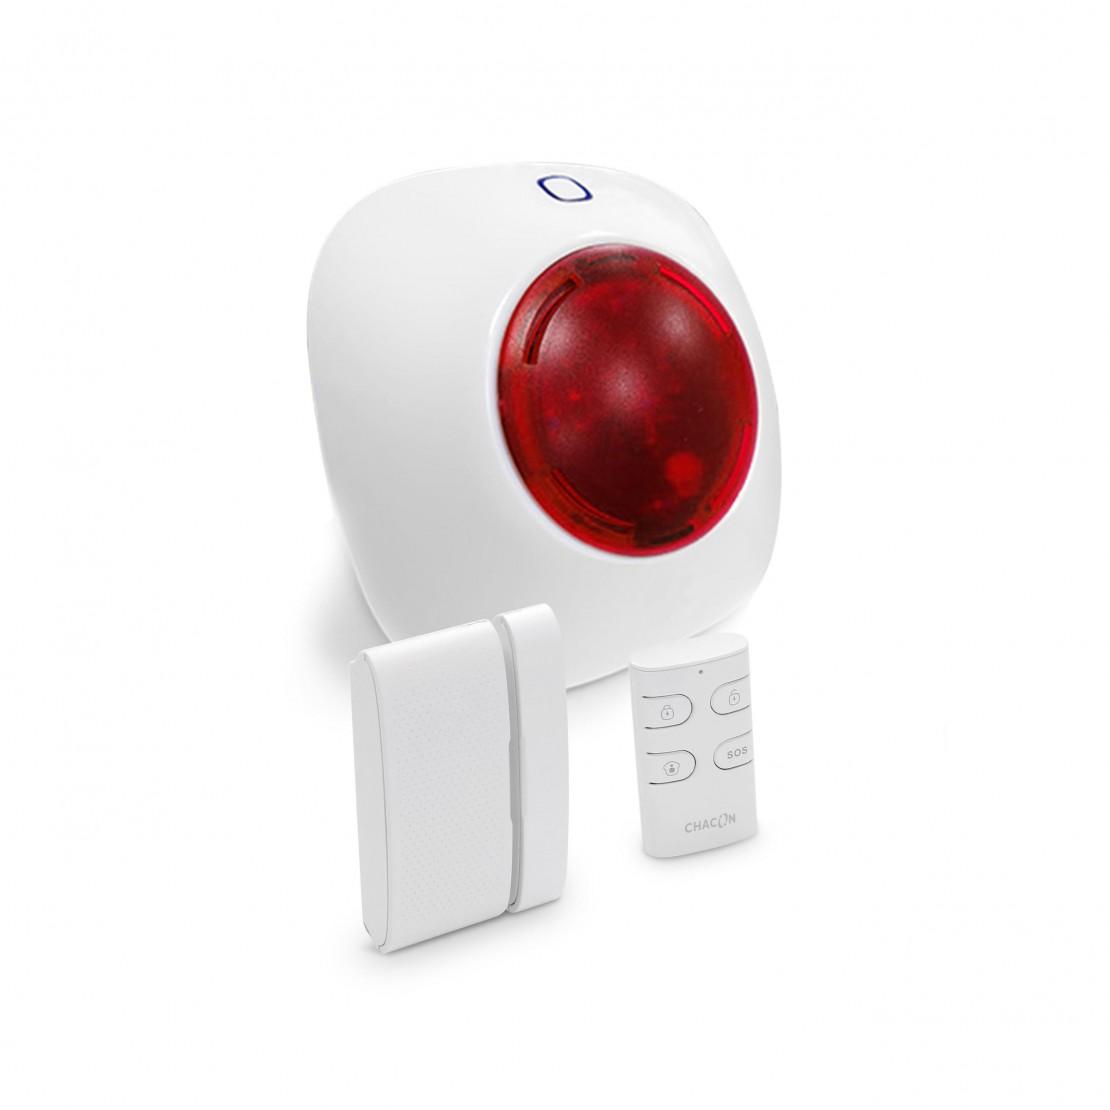 Draadloos alarmsysteem voor lokaal gebruik